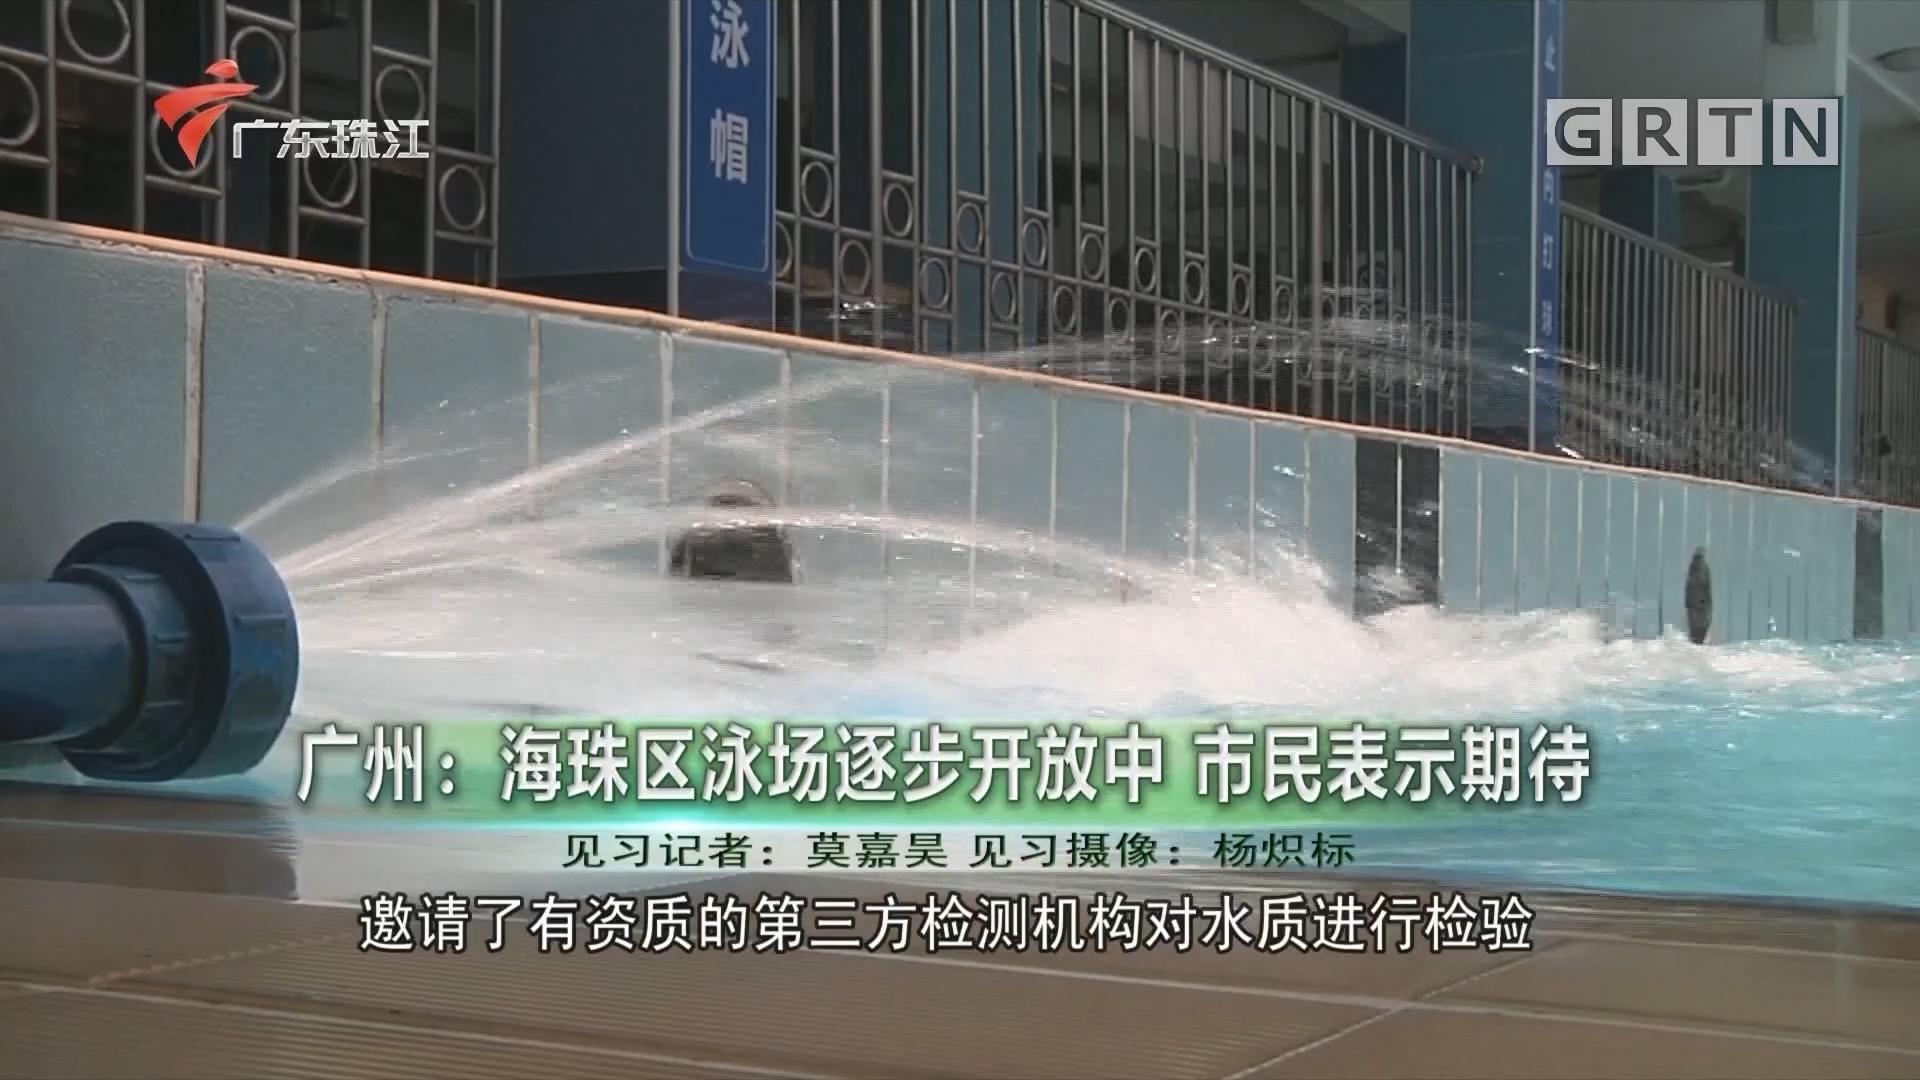 广州:海珠区泳场逐步开放中 市民表示期待